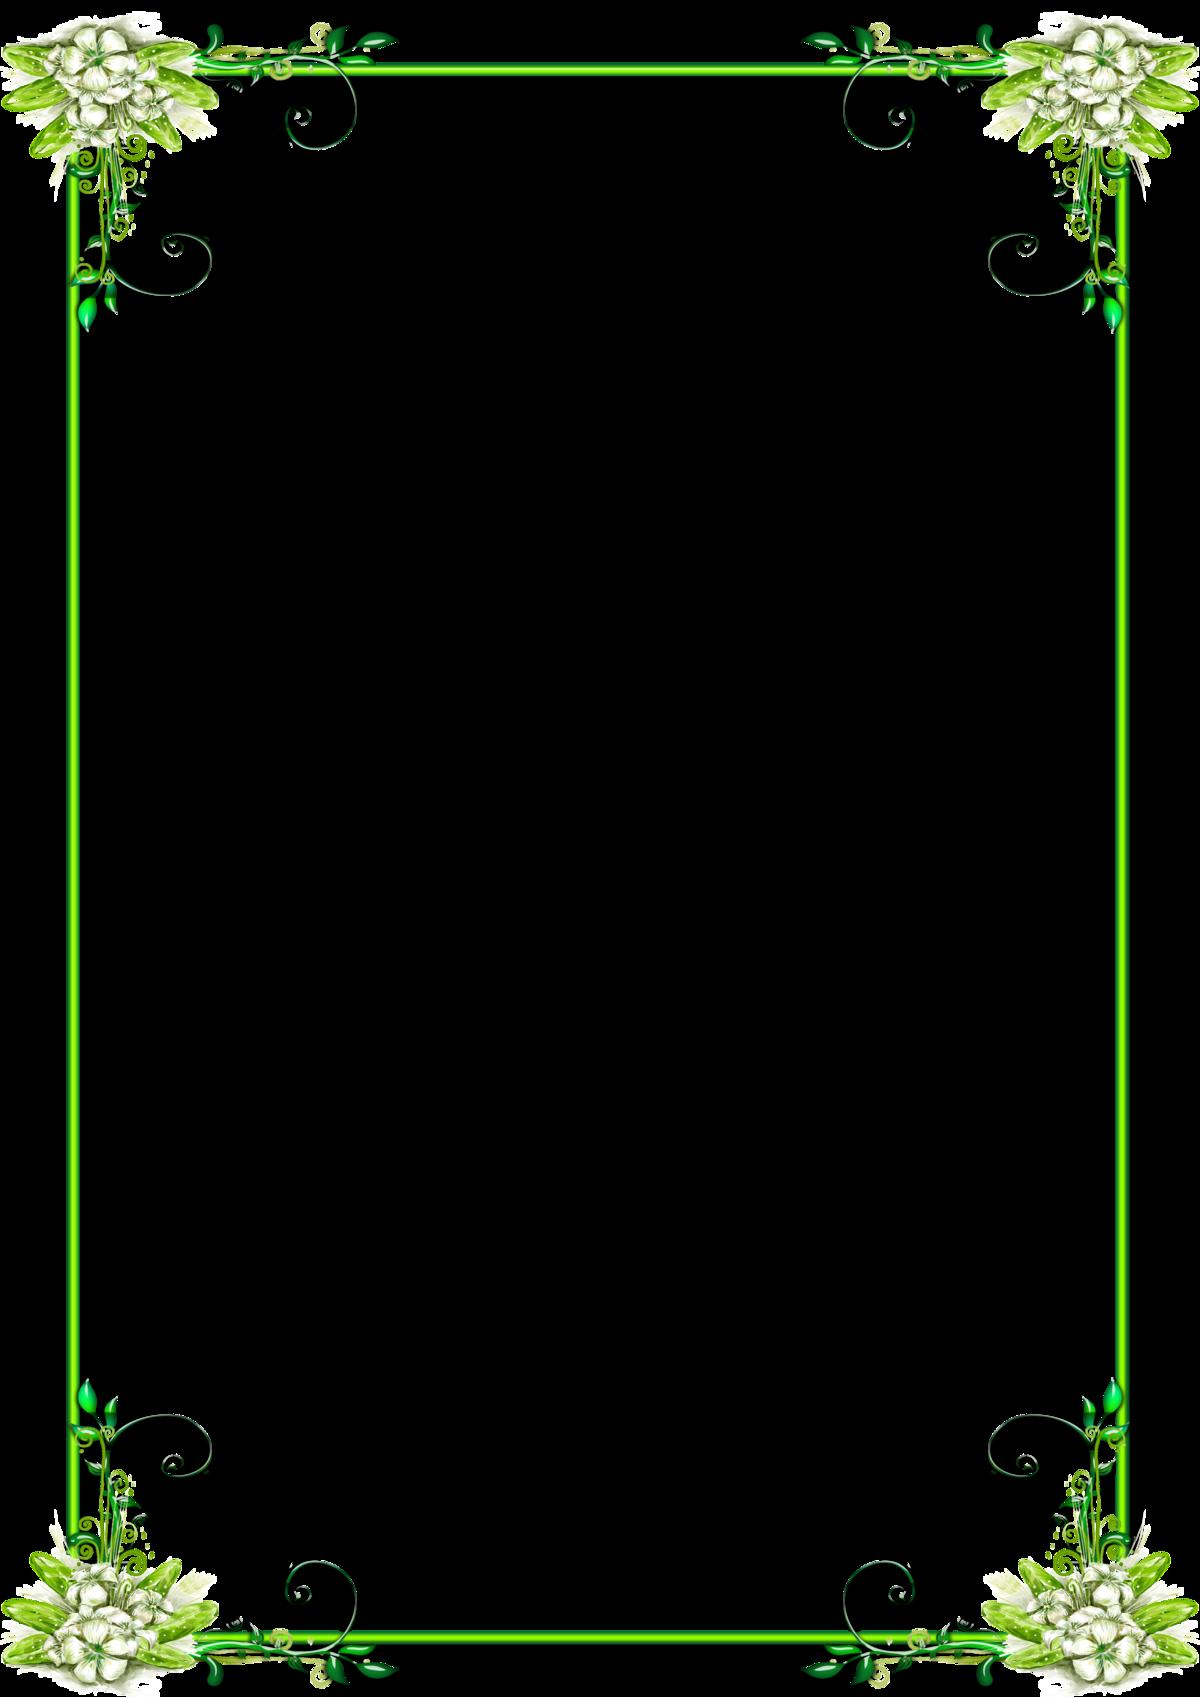 географически чистый рамка картинка любого вида бюгельного